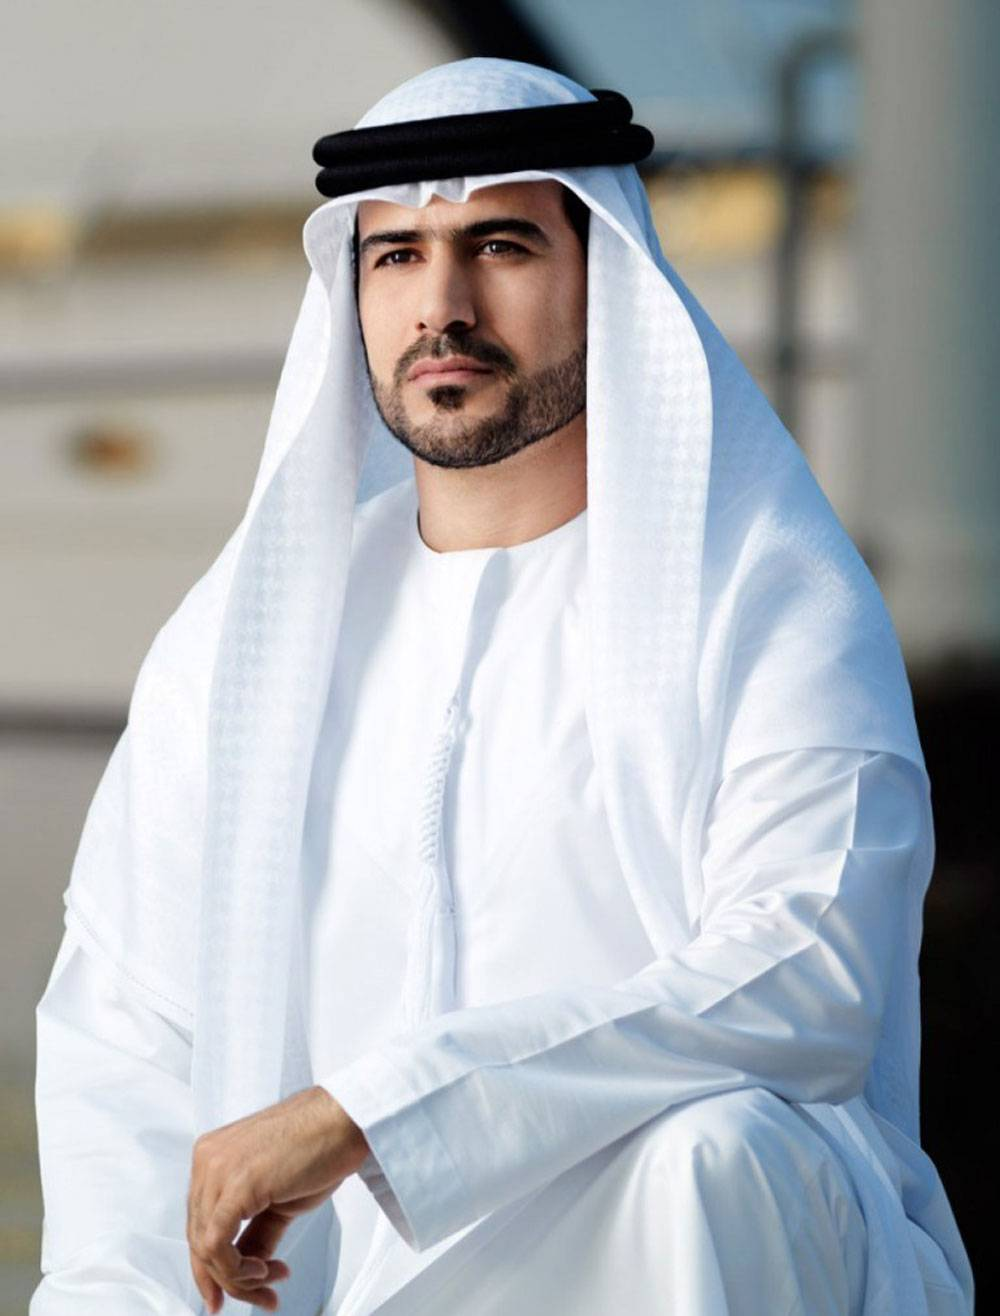 Национальный костюм саудовской аравии